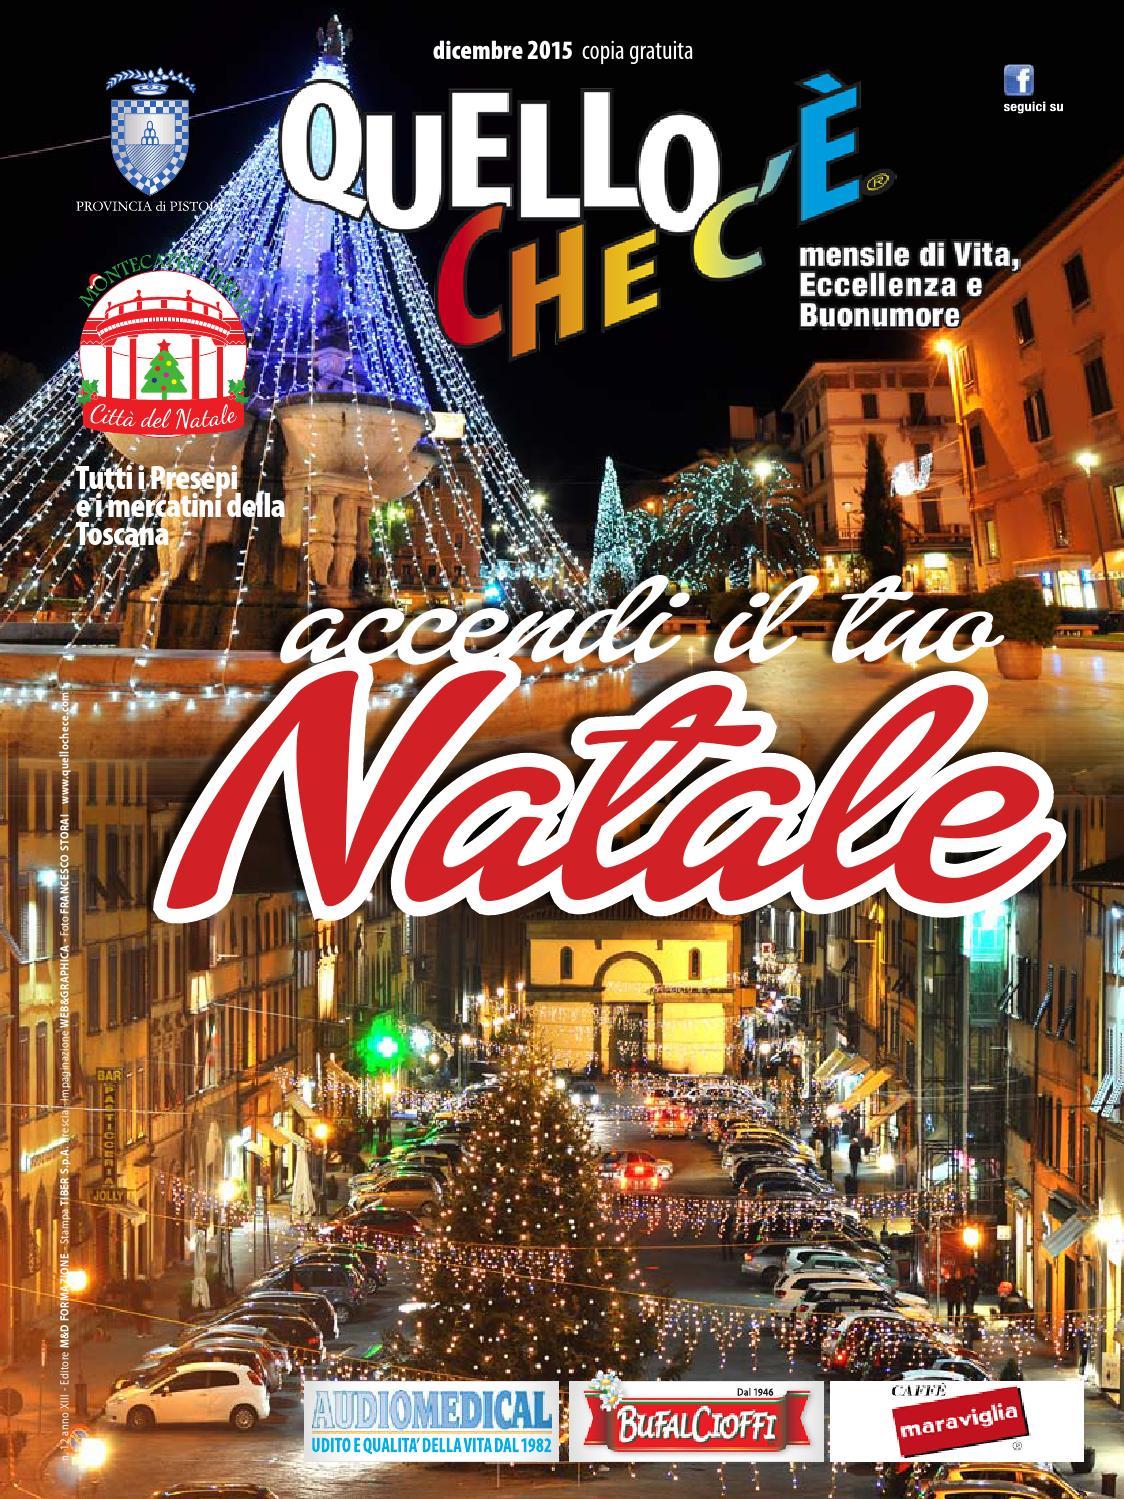 Quello che c è - Dicembre 2015 by quellochece.com - issuu b1f13260bf4e